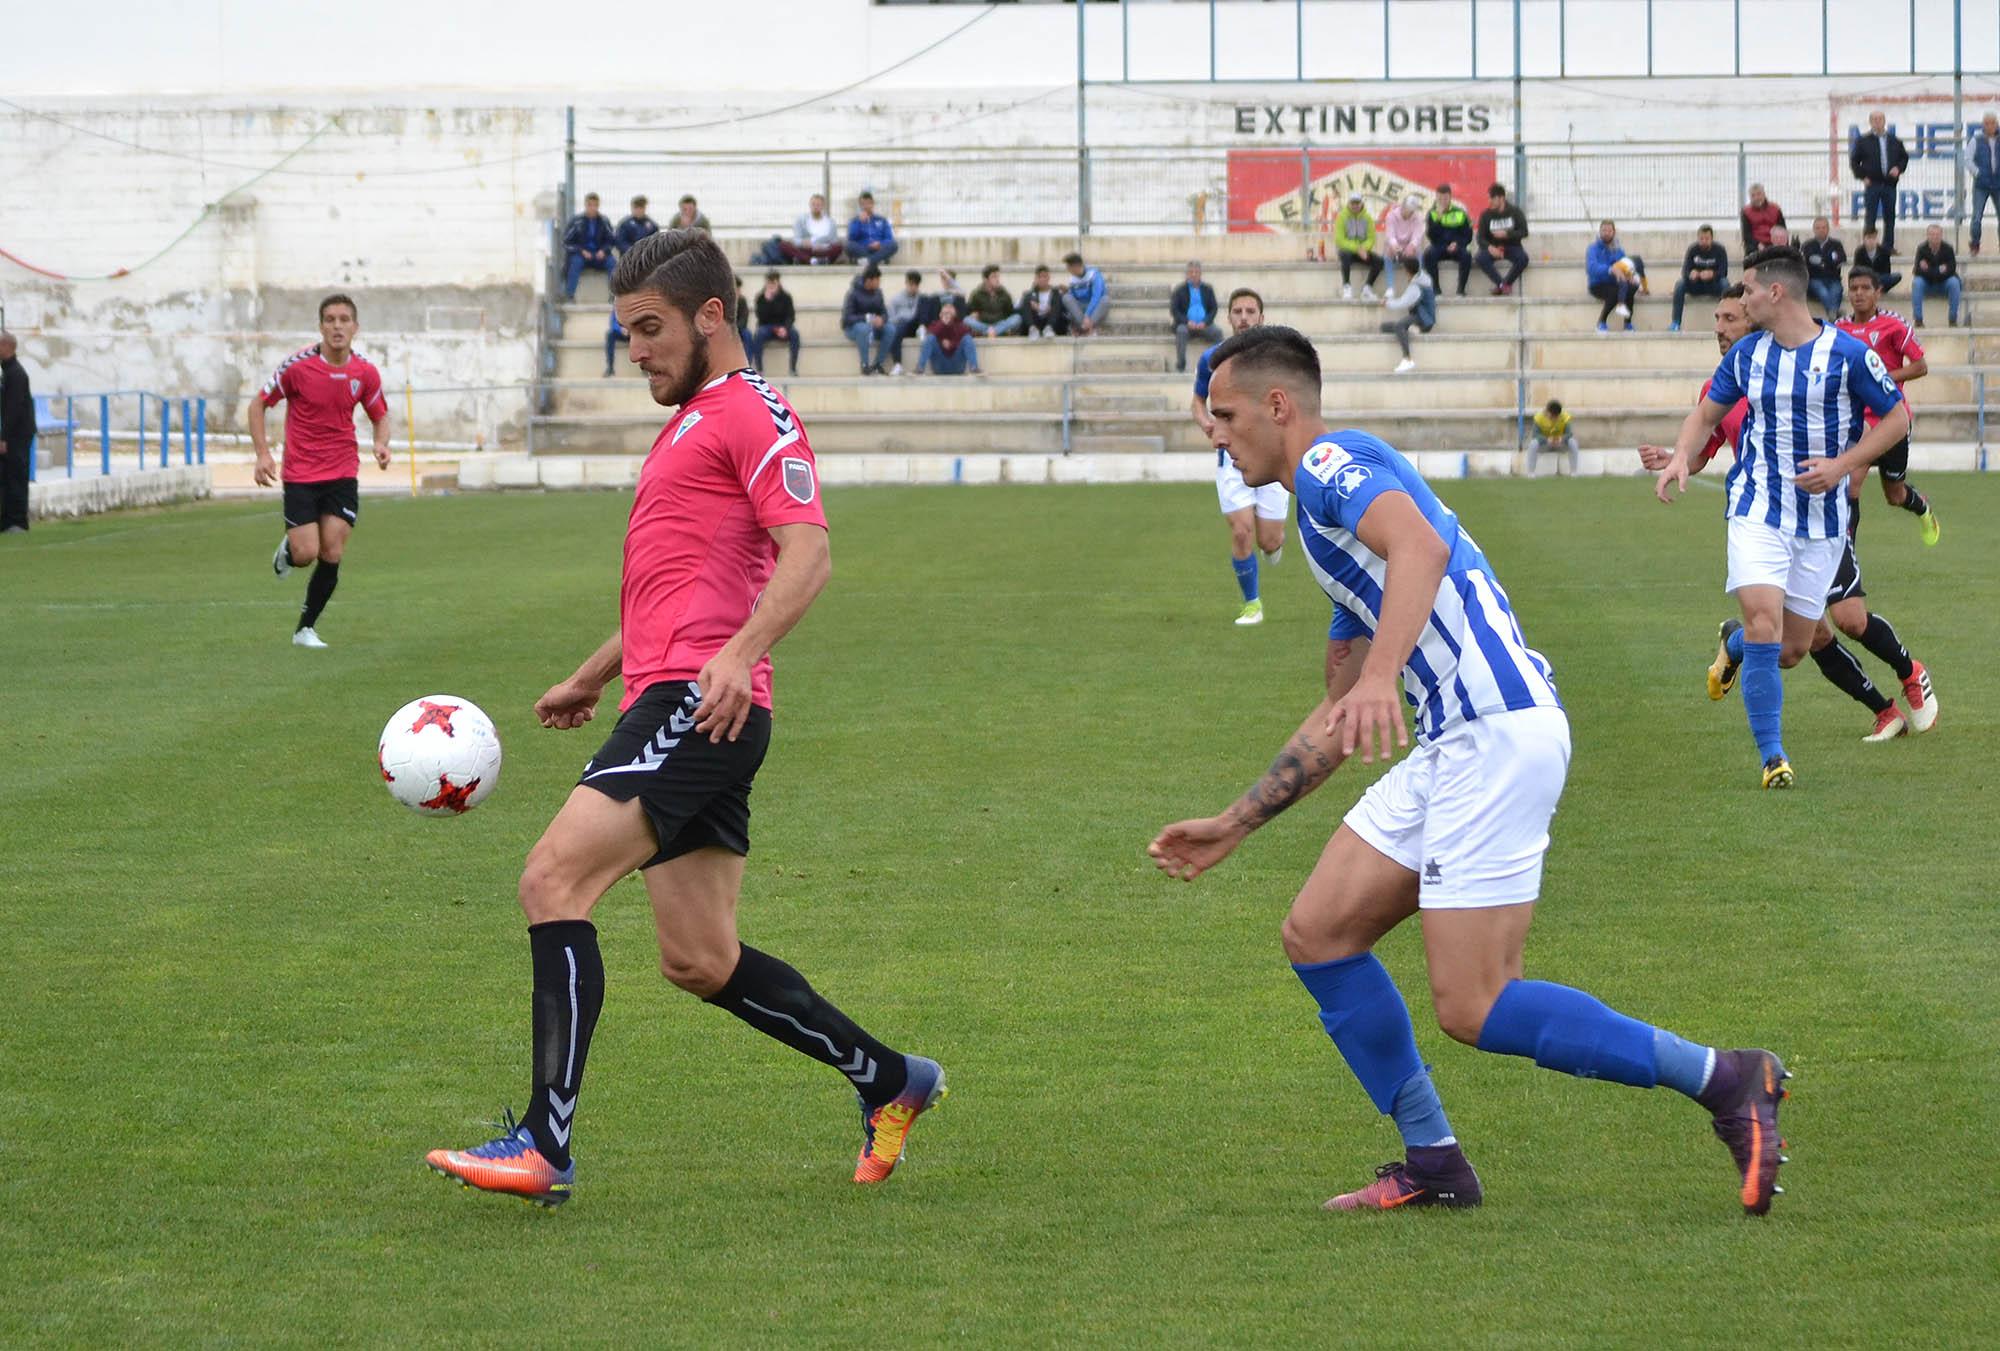 El Marbella FC mantiene el liderato pese al tropiezo ante el Écija Balompié (1-0)